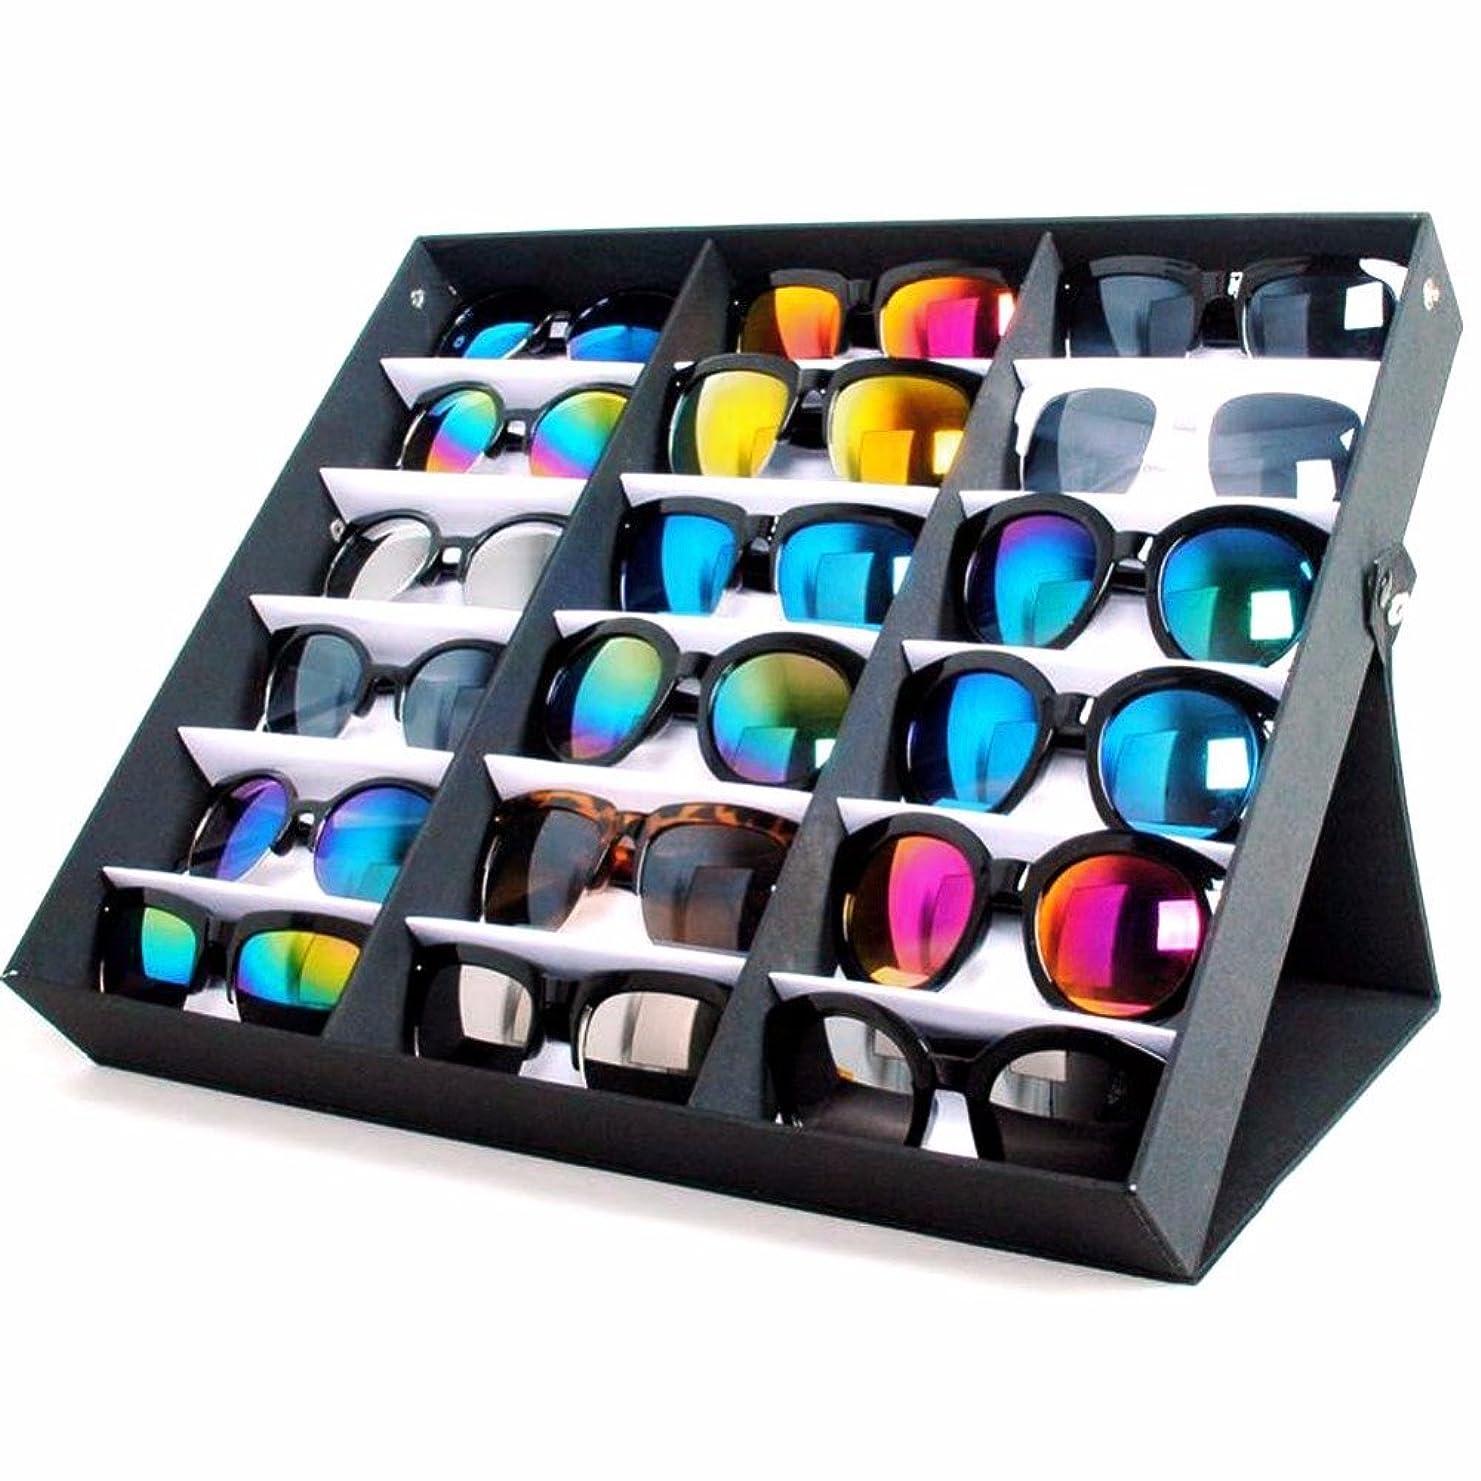 フリースくちばしアルカトラズ島Yumbyss - 18サングラスメガネ小売店展示スタンド収納ボックスケーストレイブラックサングラス?アイウェアを表示トレイケーススタンド